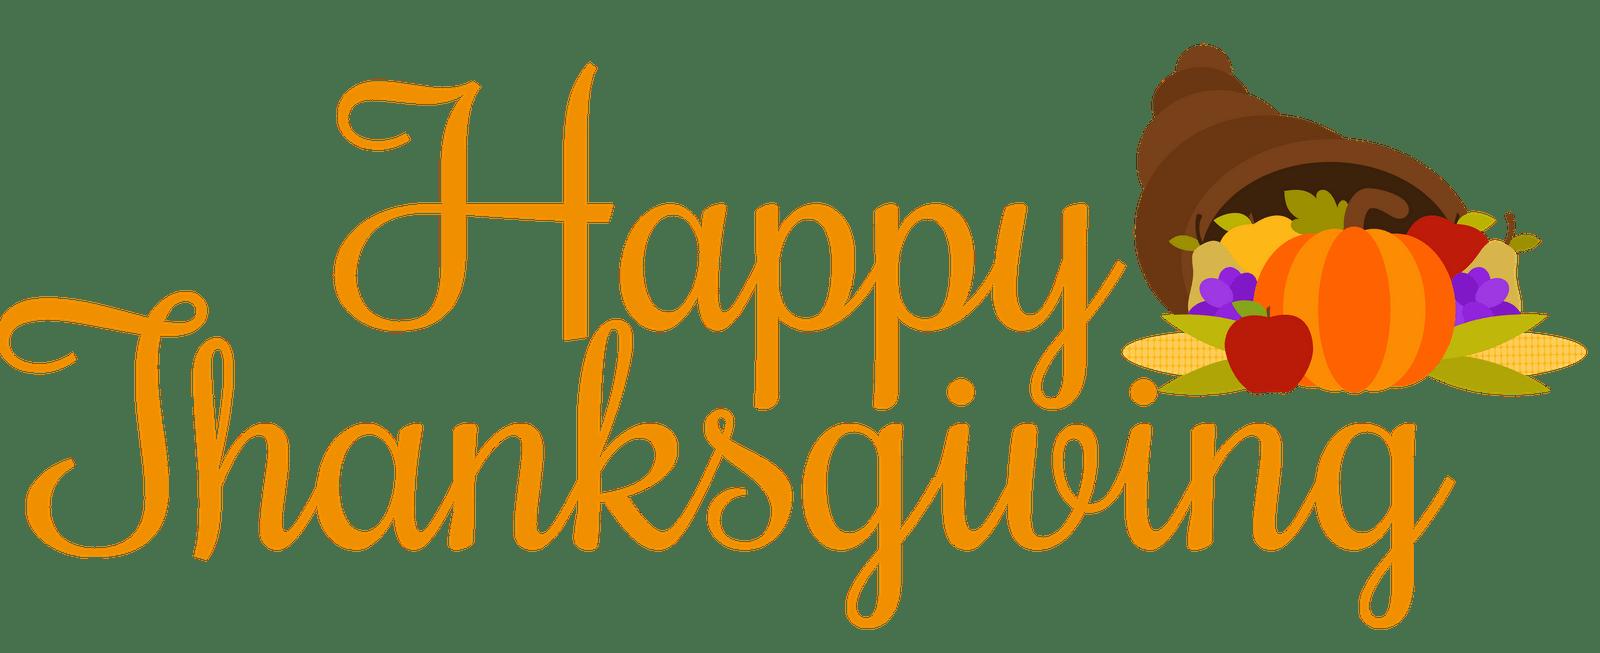 Happy-Thanksgiving Chương trình khuyến mãi lớn, tri ân khách hàng nhân dịp Thanksgiving 2016.